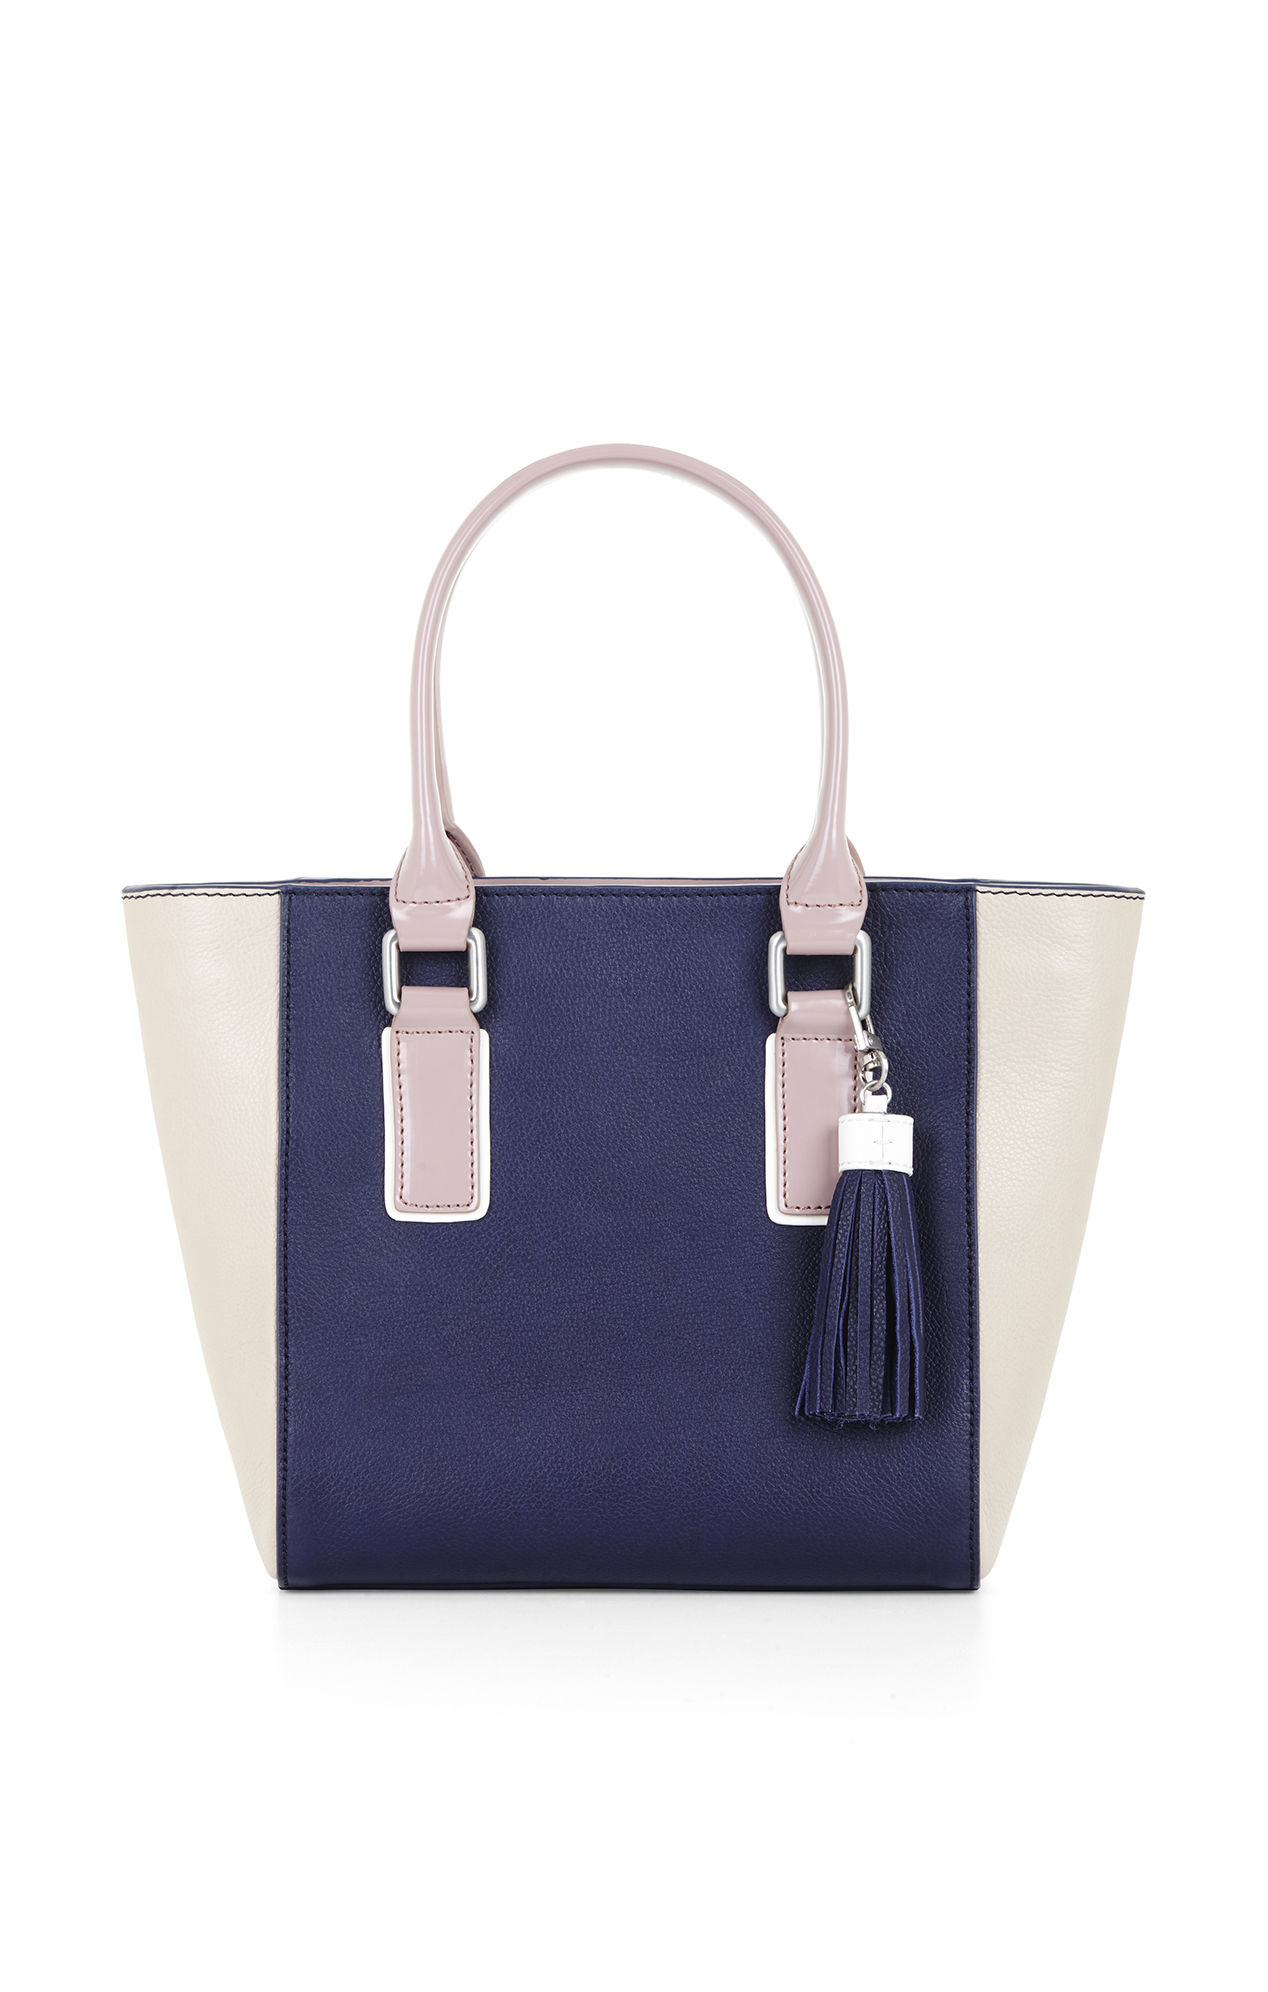 Bcbgmaxazria Mini Ursula Color-Blocked Leather Tote in Blue - Lyst 4b65cf44a6dd4